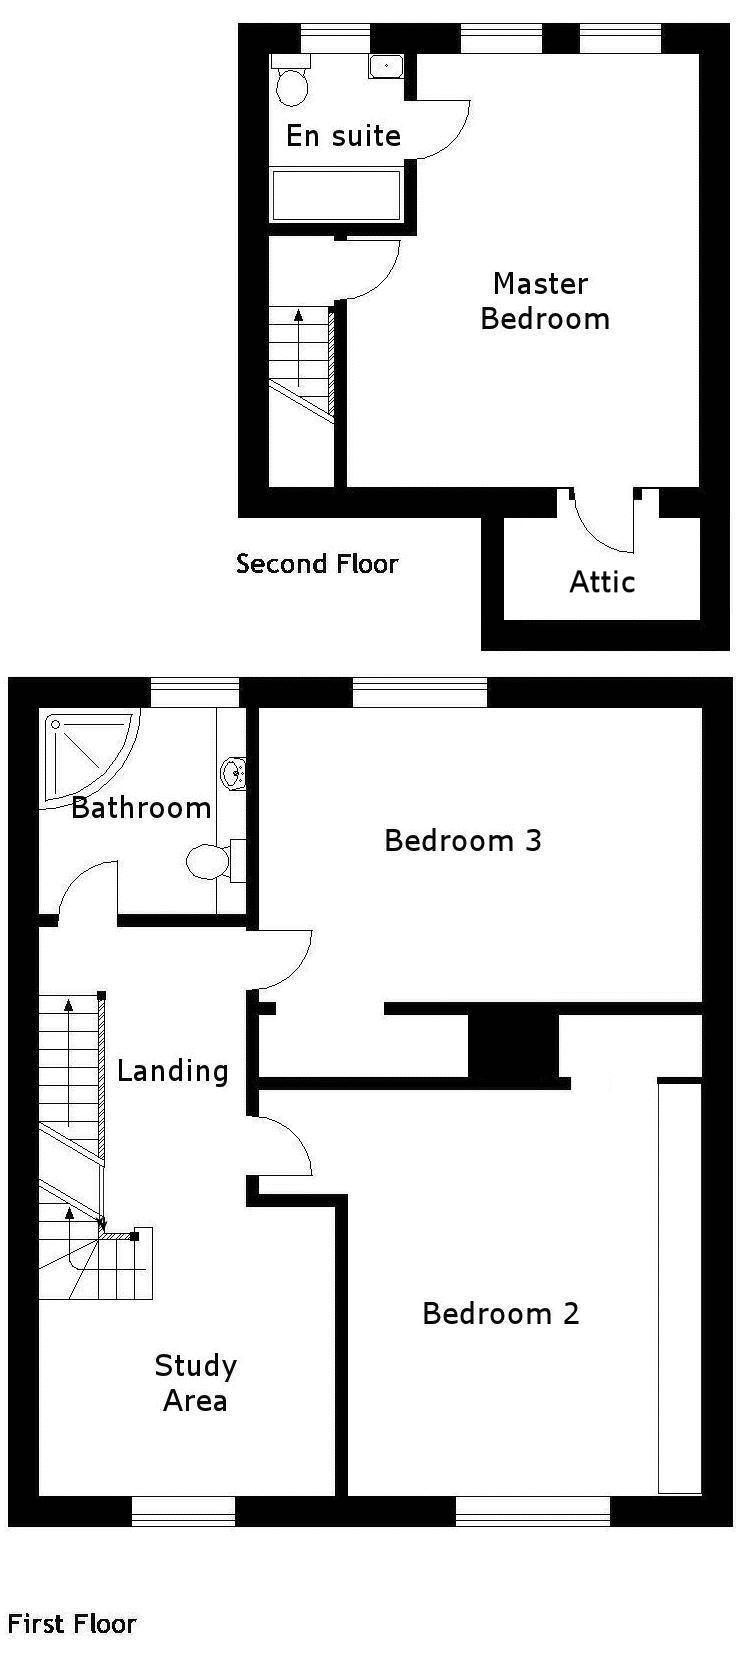 Upper floors